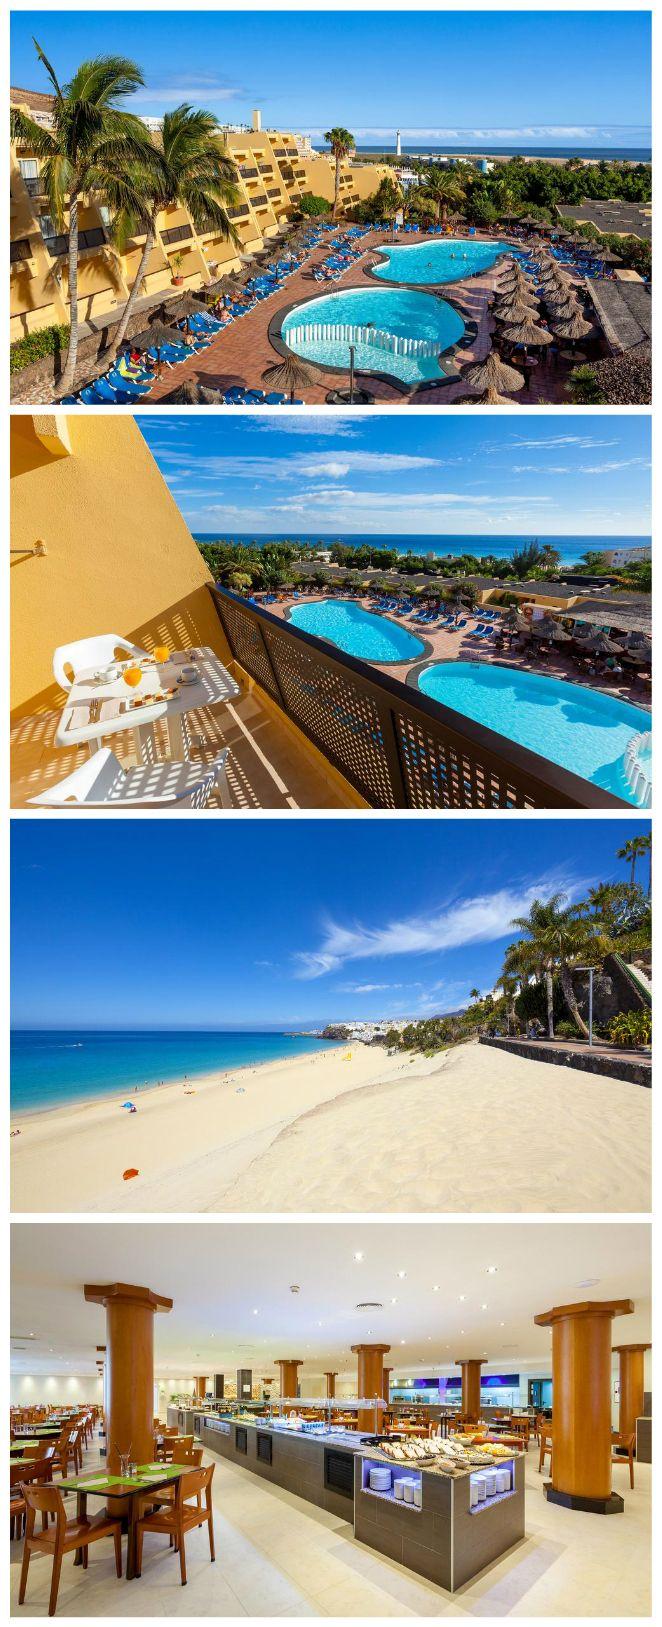 Sol Jadína Mar*** Kanári-szigetek, Fuerteventura     5 nap üdülés 06.04-tól, repülővel, all inclusive ellátással 117 641 Ft-tól! Ne hagyd ki ezt a szuper lehetőséget, foglald le most az Invia.hu-n!   https://hotel.invia.hu/kanari-szigetek/fuerteventura/sol-jandia-mar/tour-1028907/?id=106909613